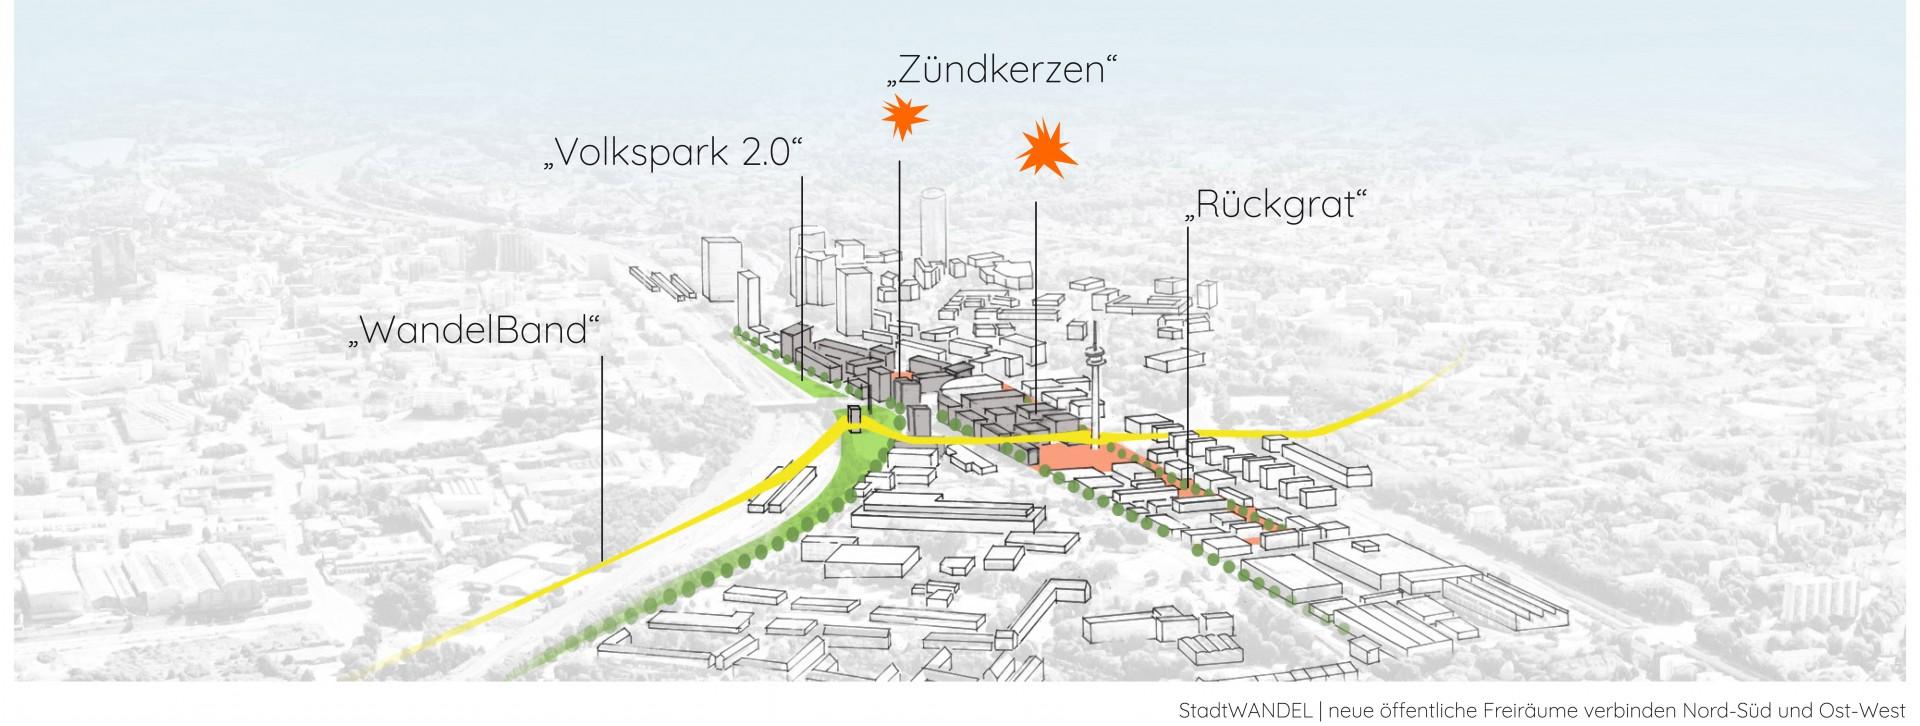 Drei Eins – Architektur- und Stadtplanungsbüro in Frankfurt // WAZ-Areal, Süd-West-Stadt Essen